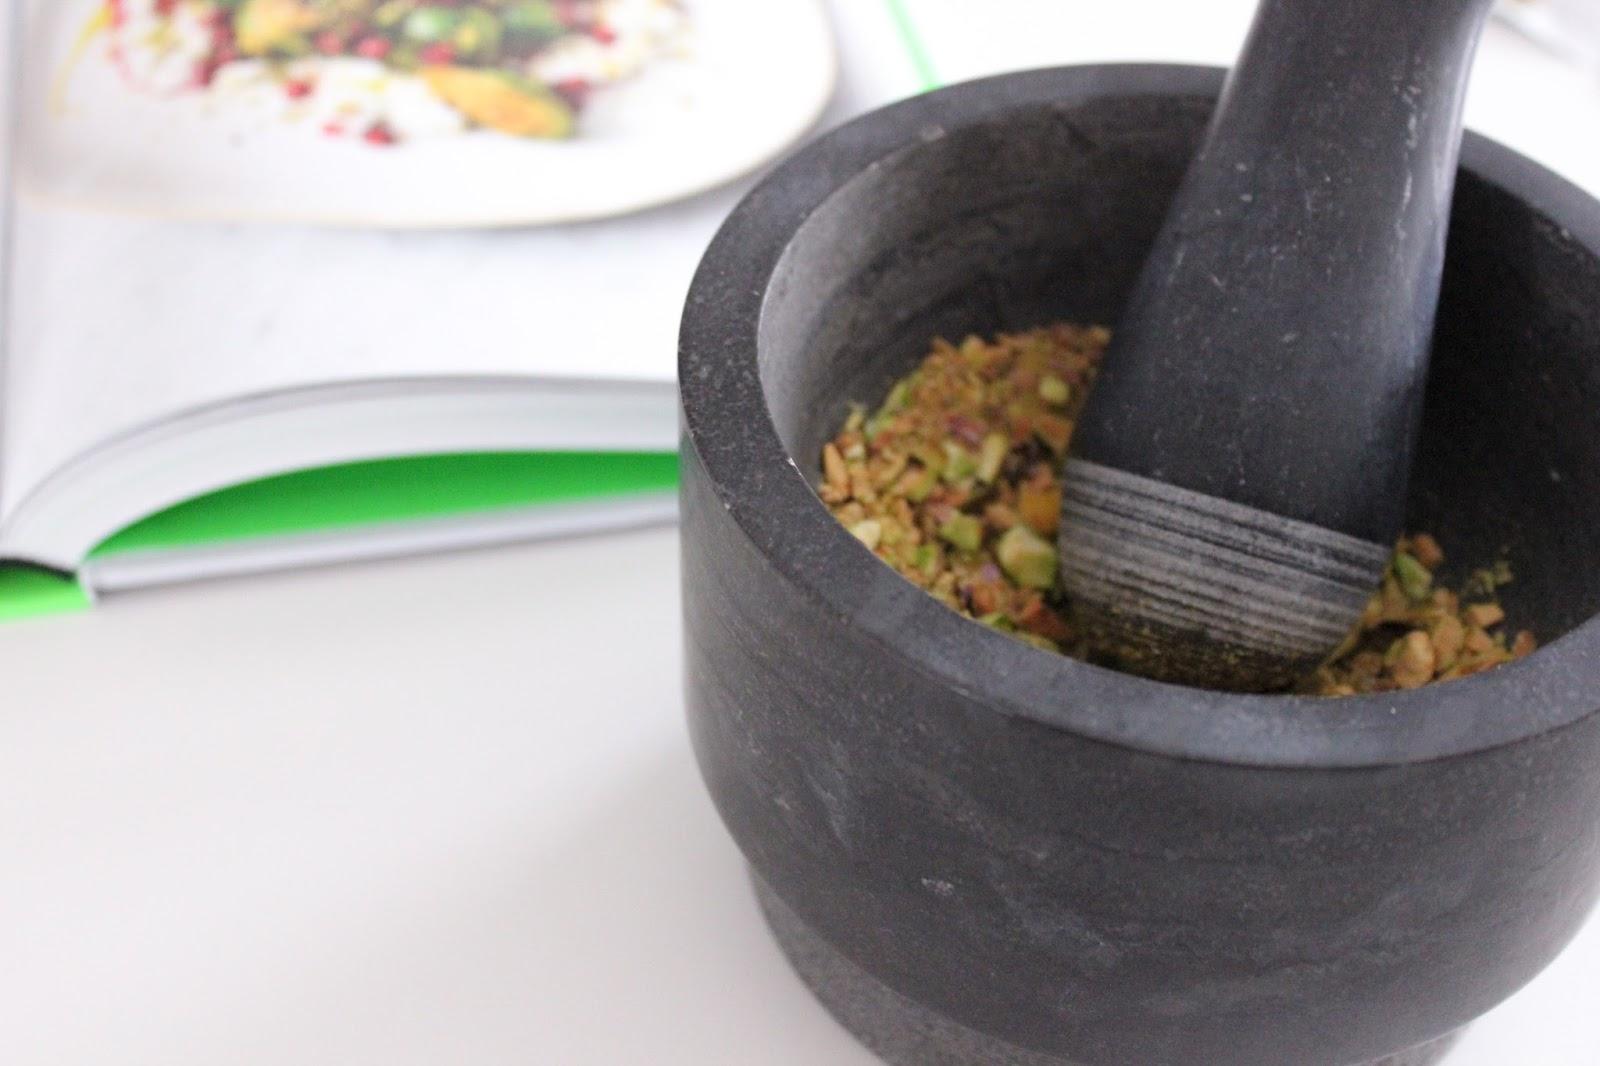 Goldbrauner Rosenkohl Aus Jamies 5 Zutaten Küche